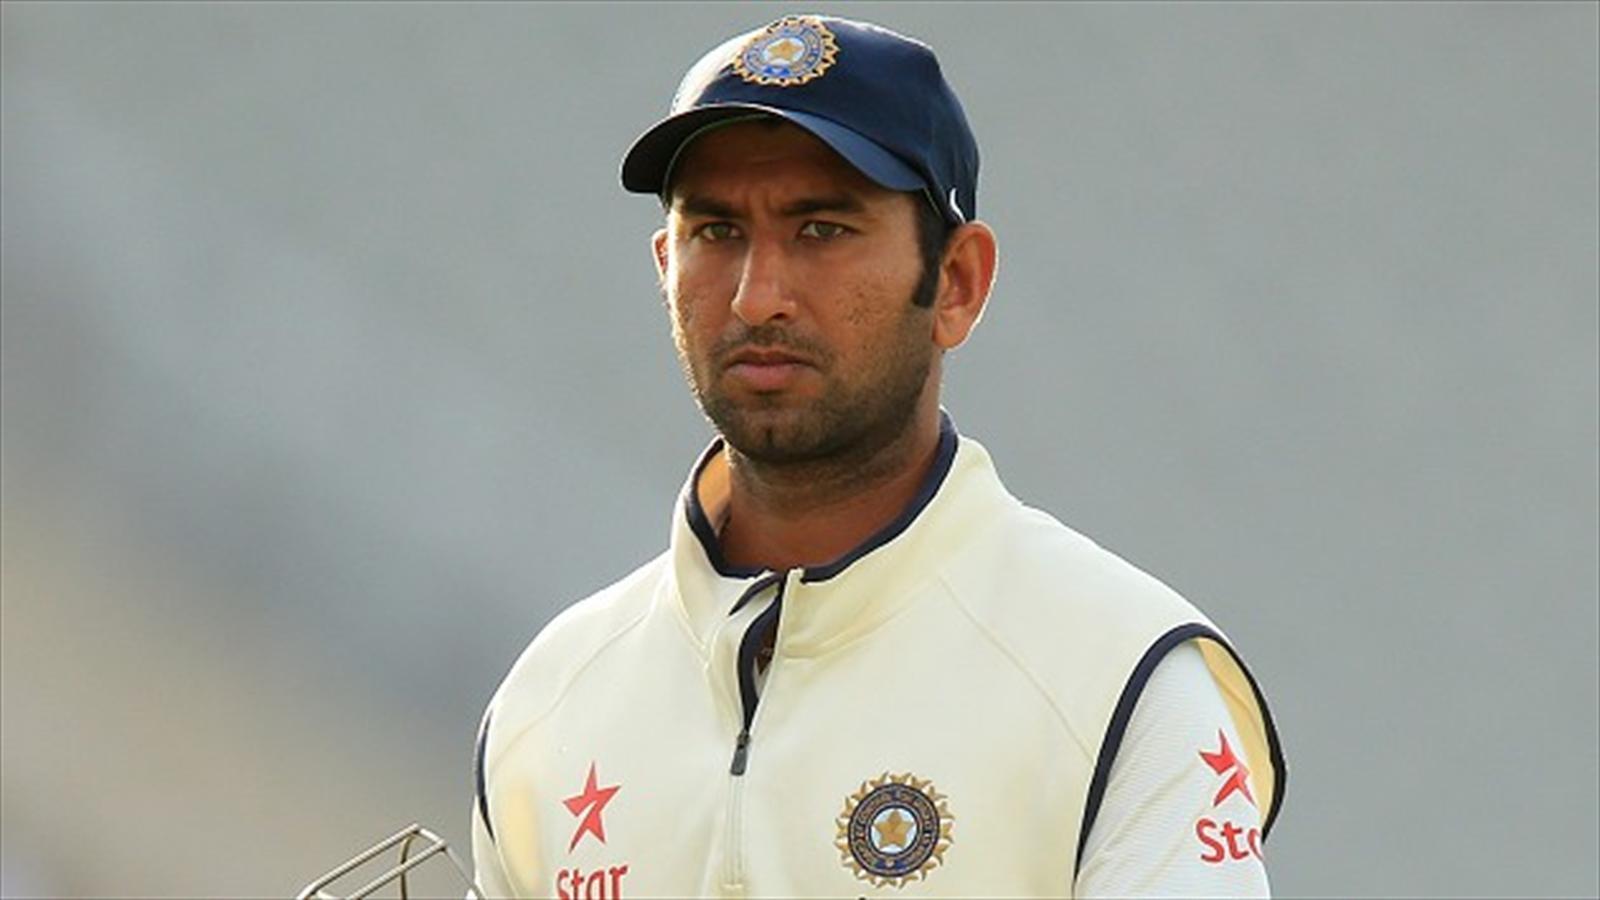 ভারত বনাম ইংল্যান্ড: ২য় টেস্ট ২০১৮: ভারতীয় দলের প্লেয়িং ইলেভেন দেখে কোহলির উপর ক্ষুব্ধ হলেন সমর্থকেরা 1